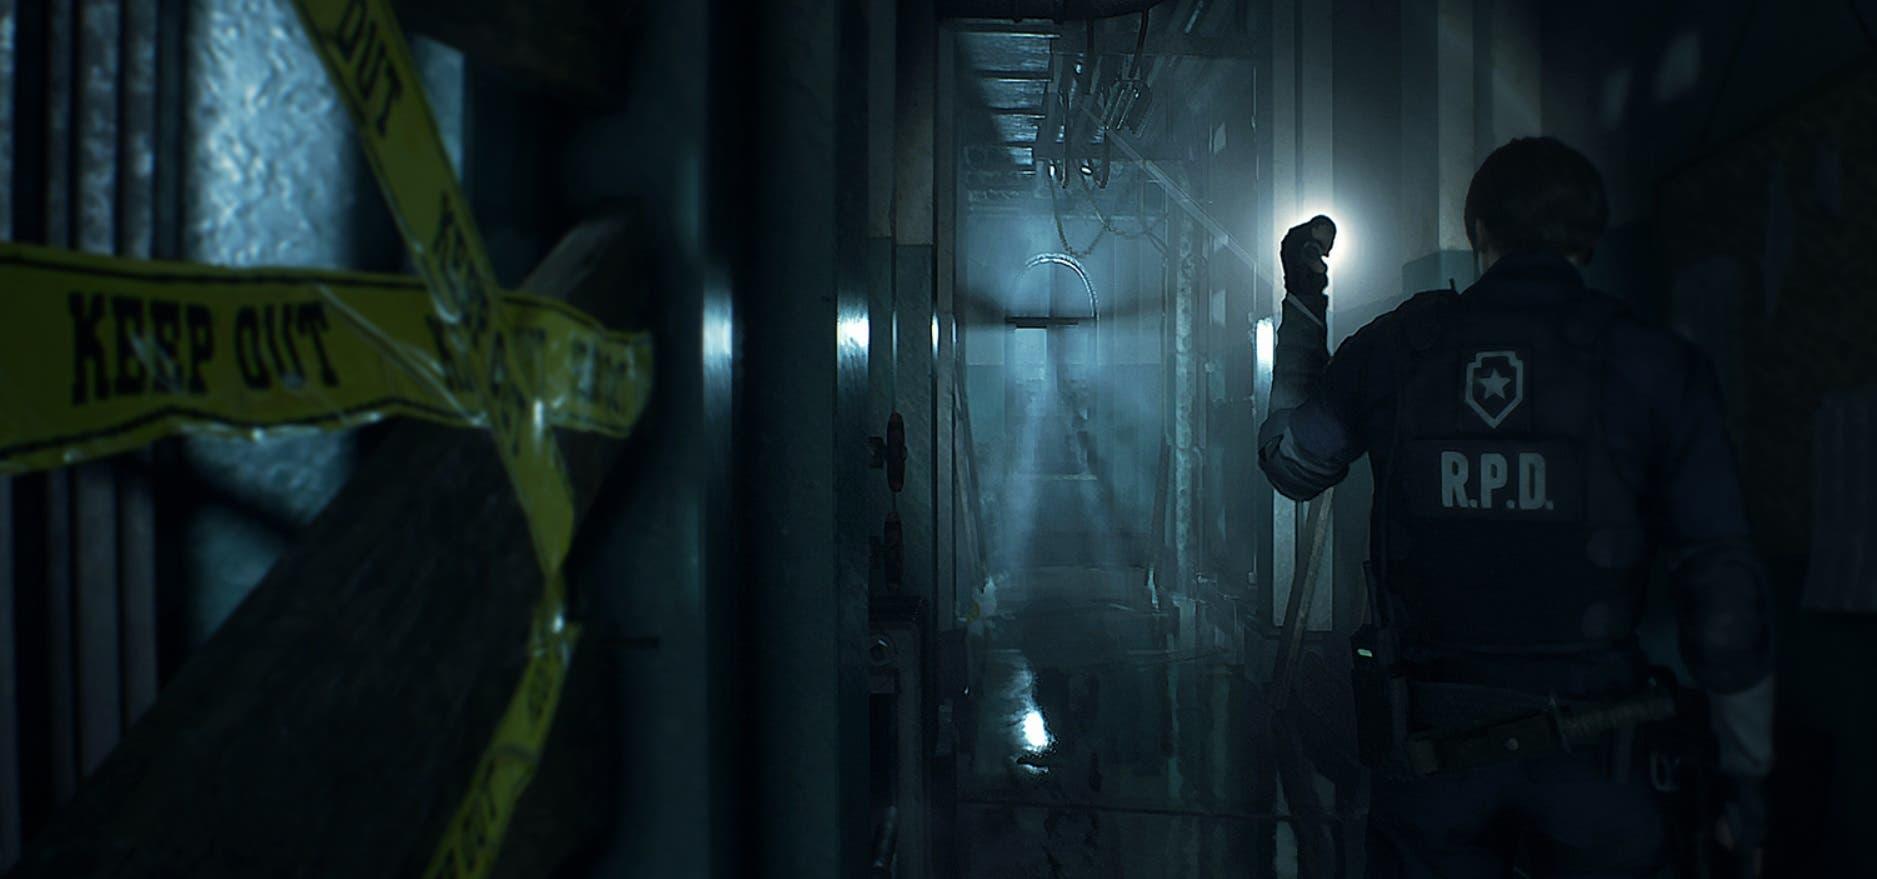 Las 5 claves de Resident Evil 2 que os enamorarán 4